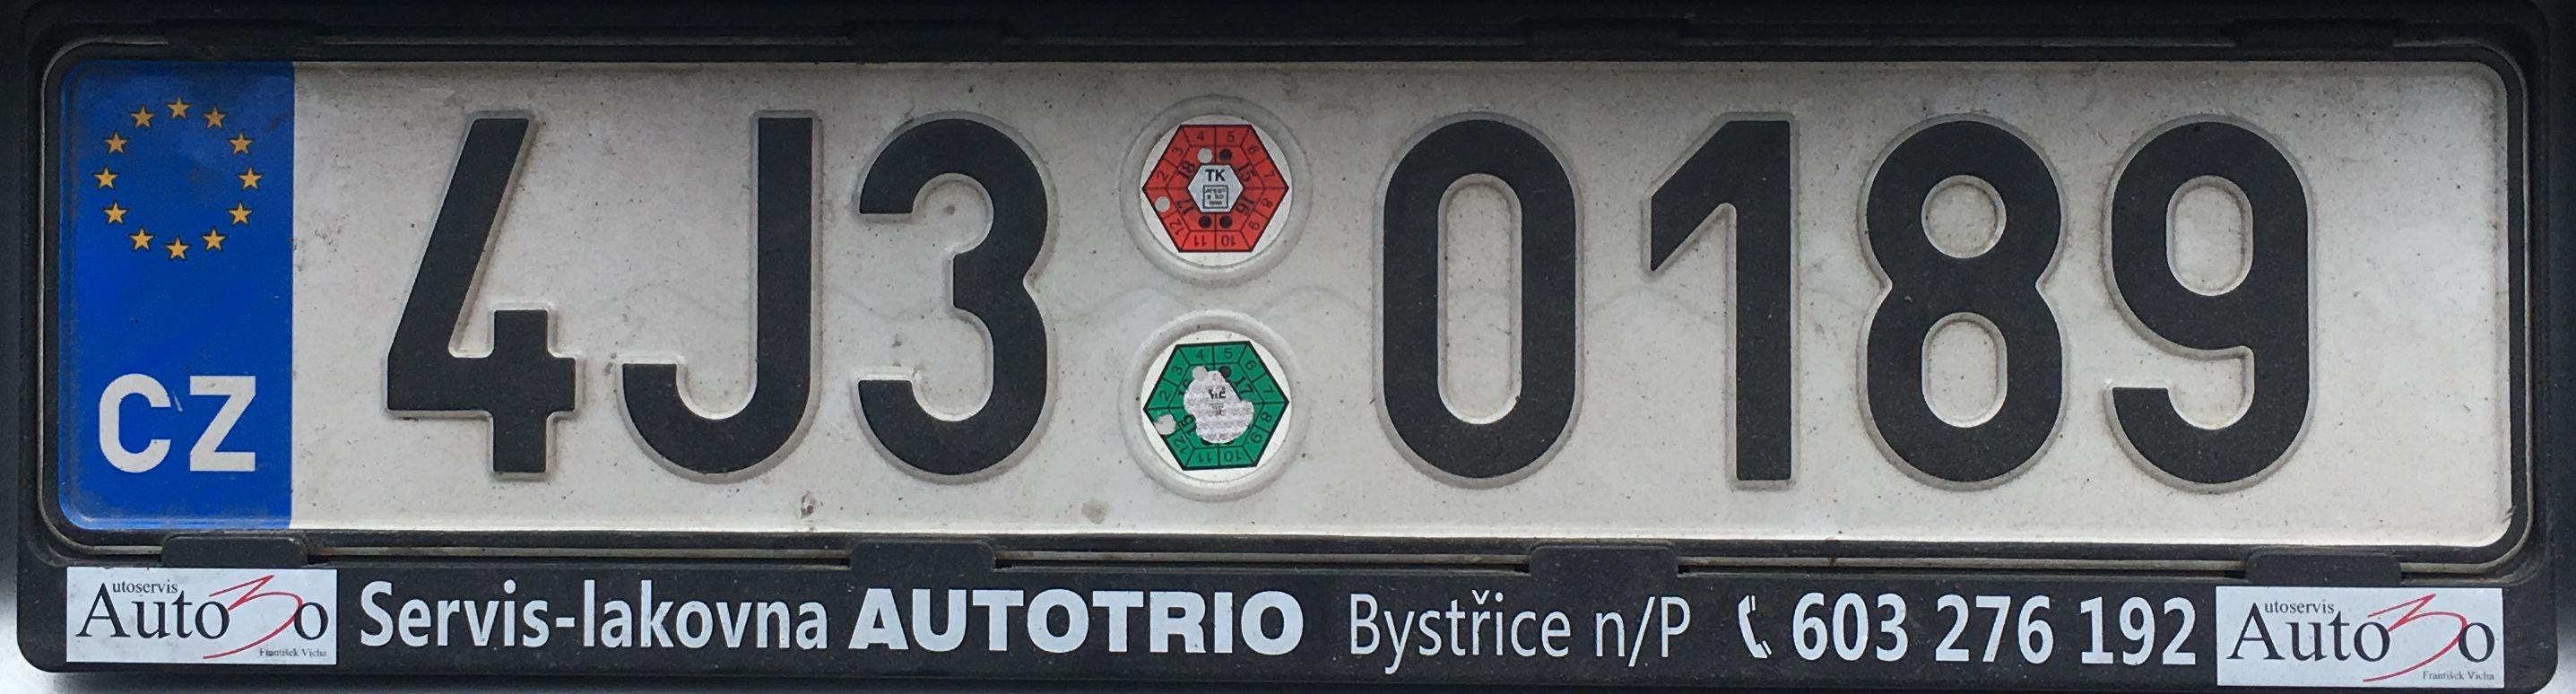 Registrační značky: J - Vysočina, foto: vlastní